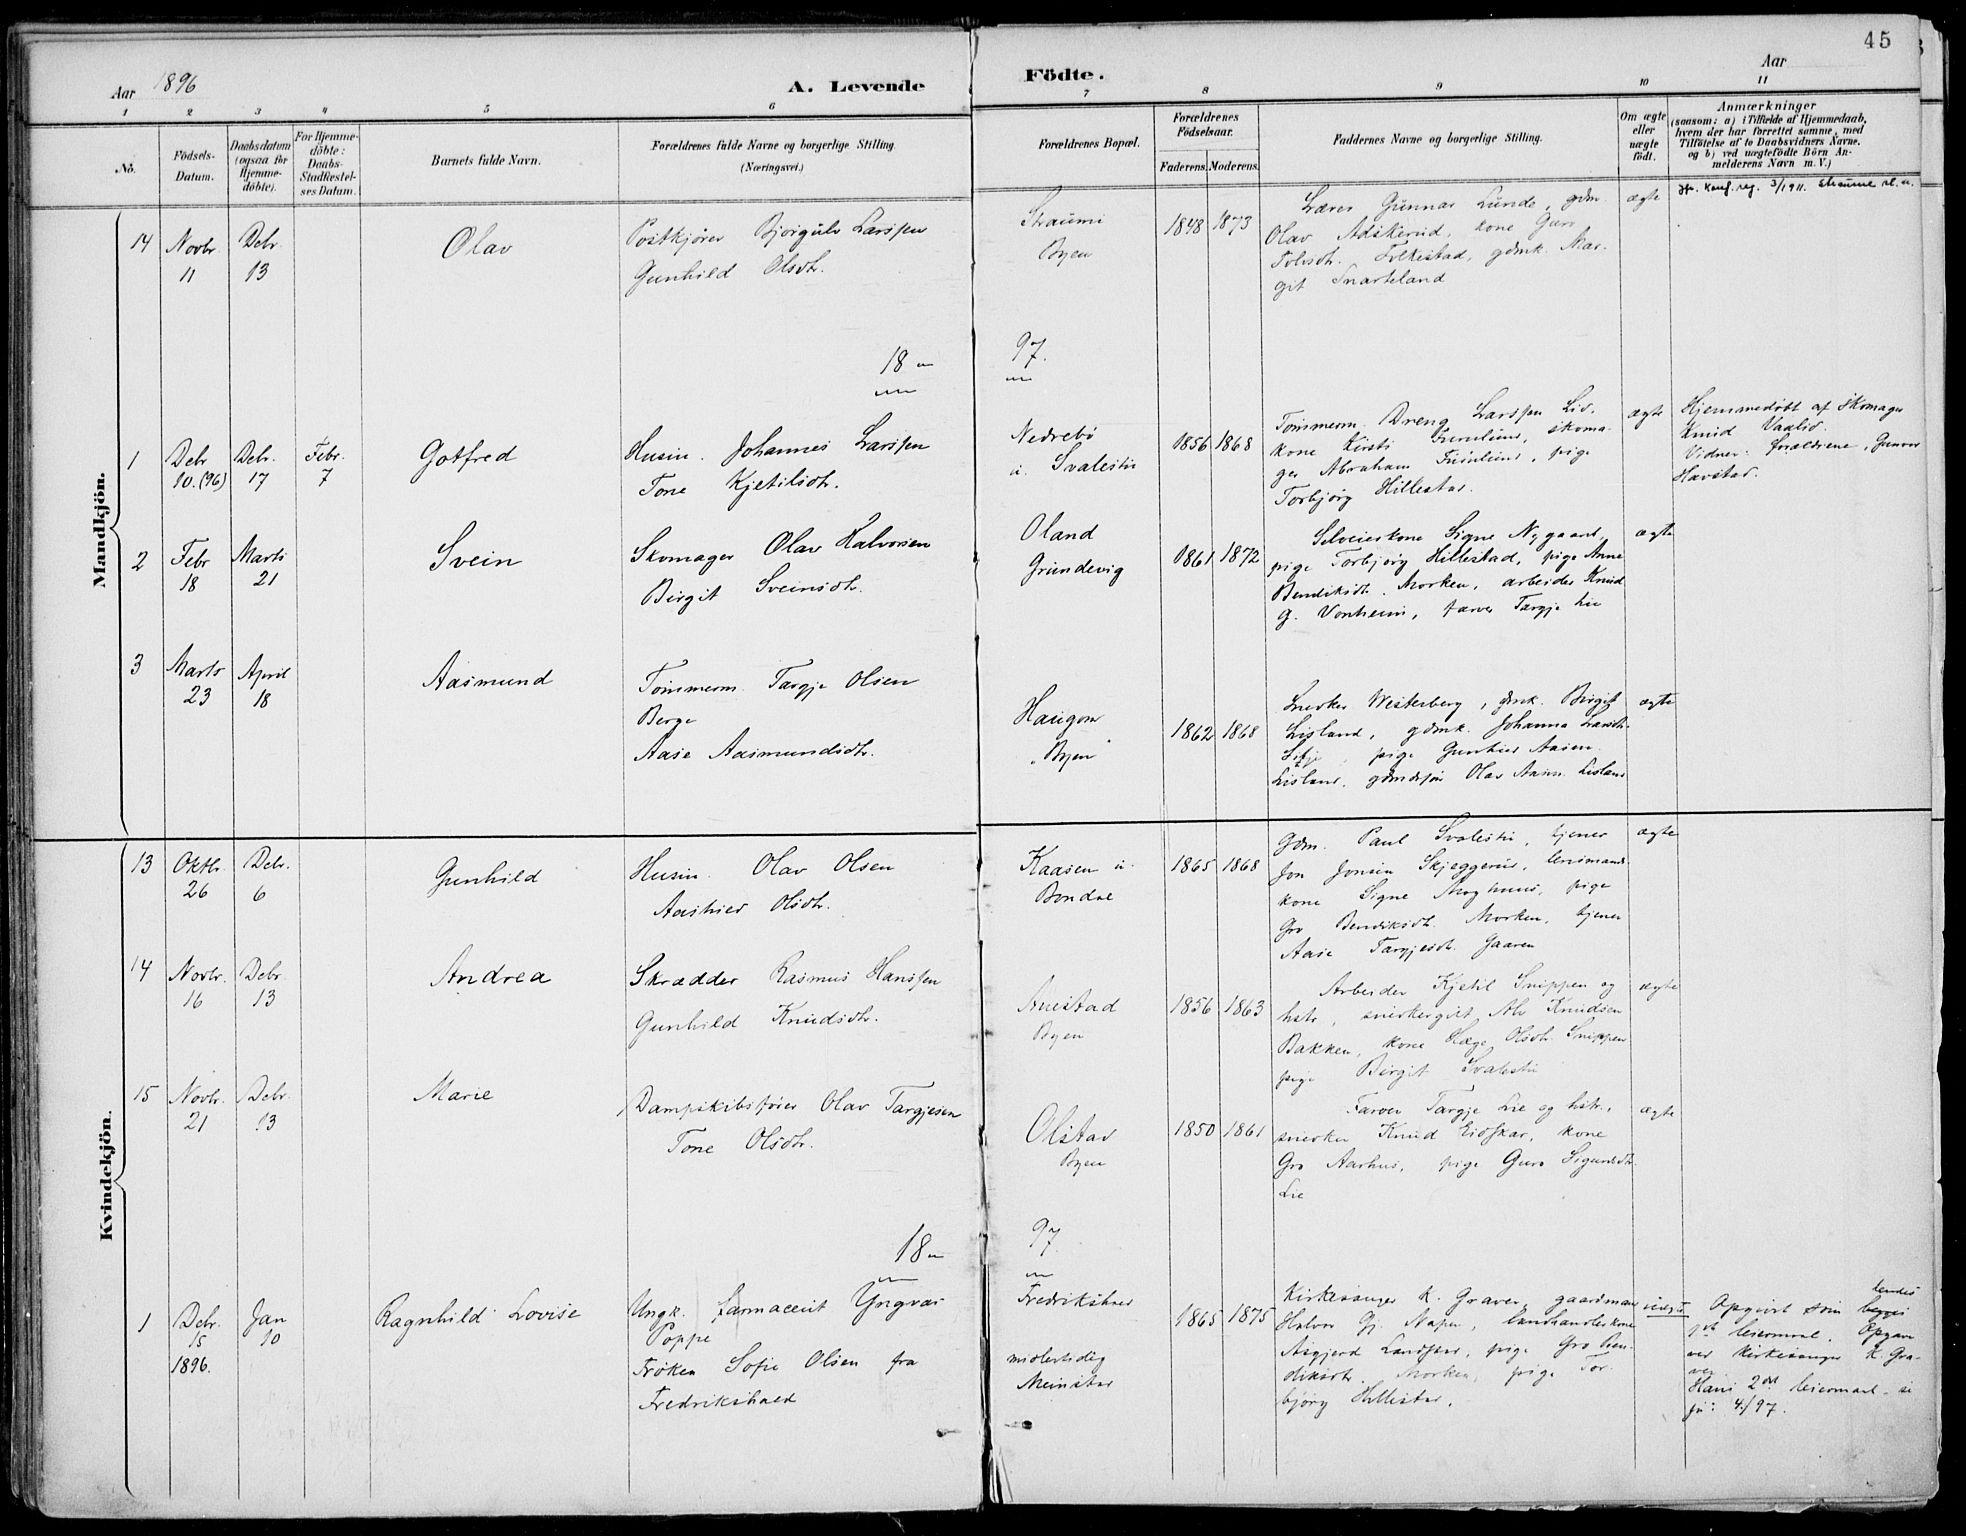 SAKO, Fyresdal kirkebøker, F/Fa/L0007: Ministerialbok nr. I 7, 1887-1914, s. 45